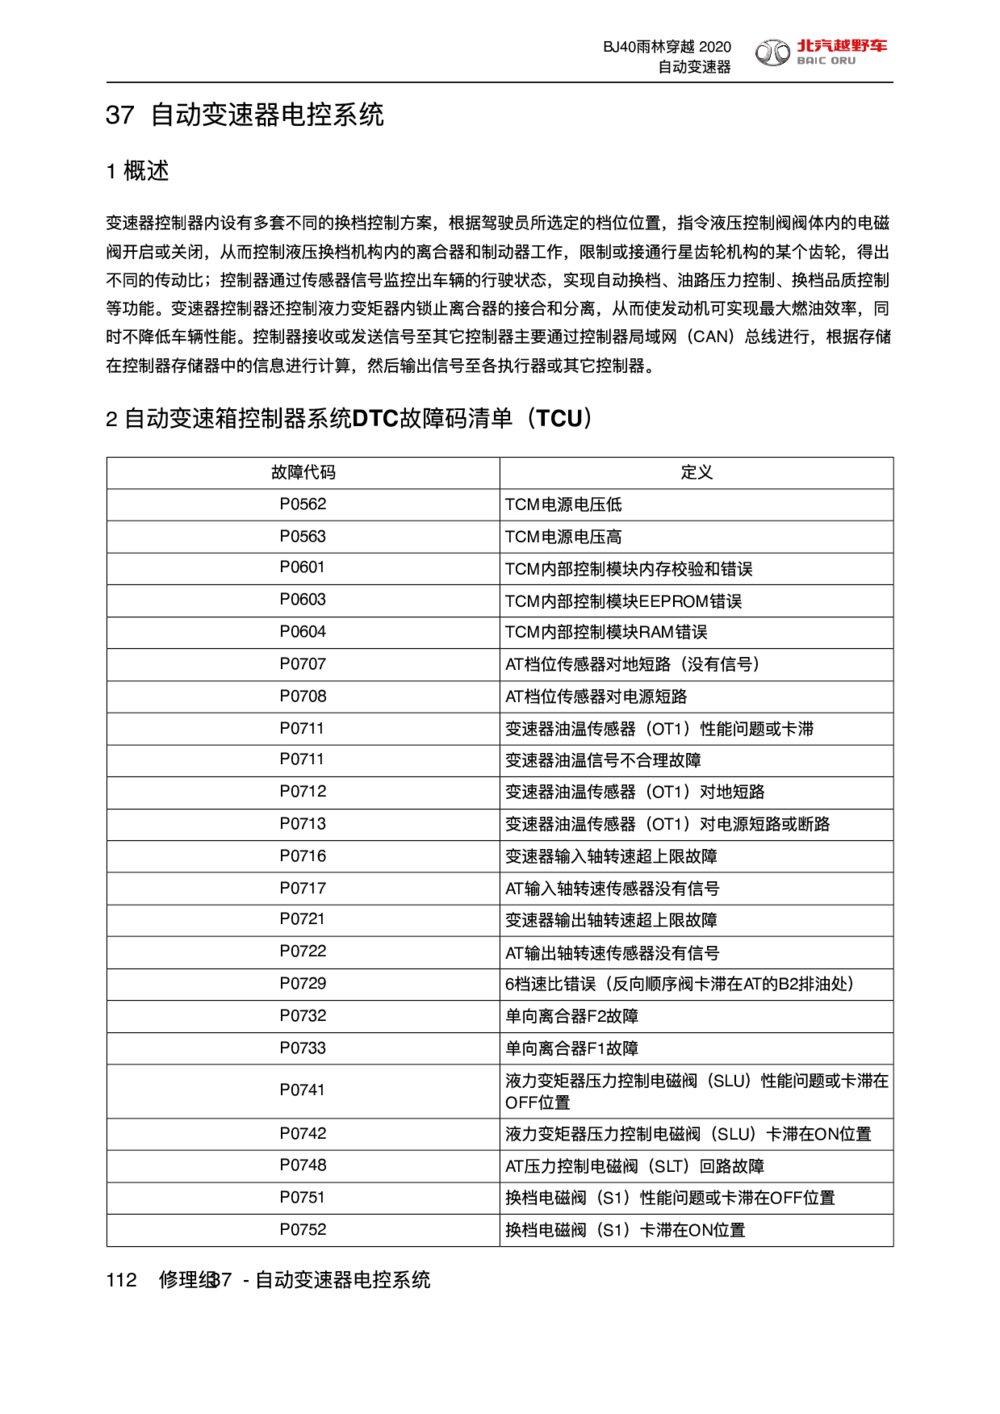 2020款北京BJ40自动变速器电控系统DTC故障码清单(TCU)1